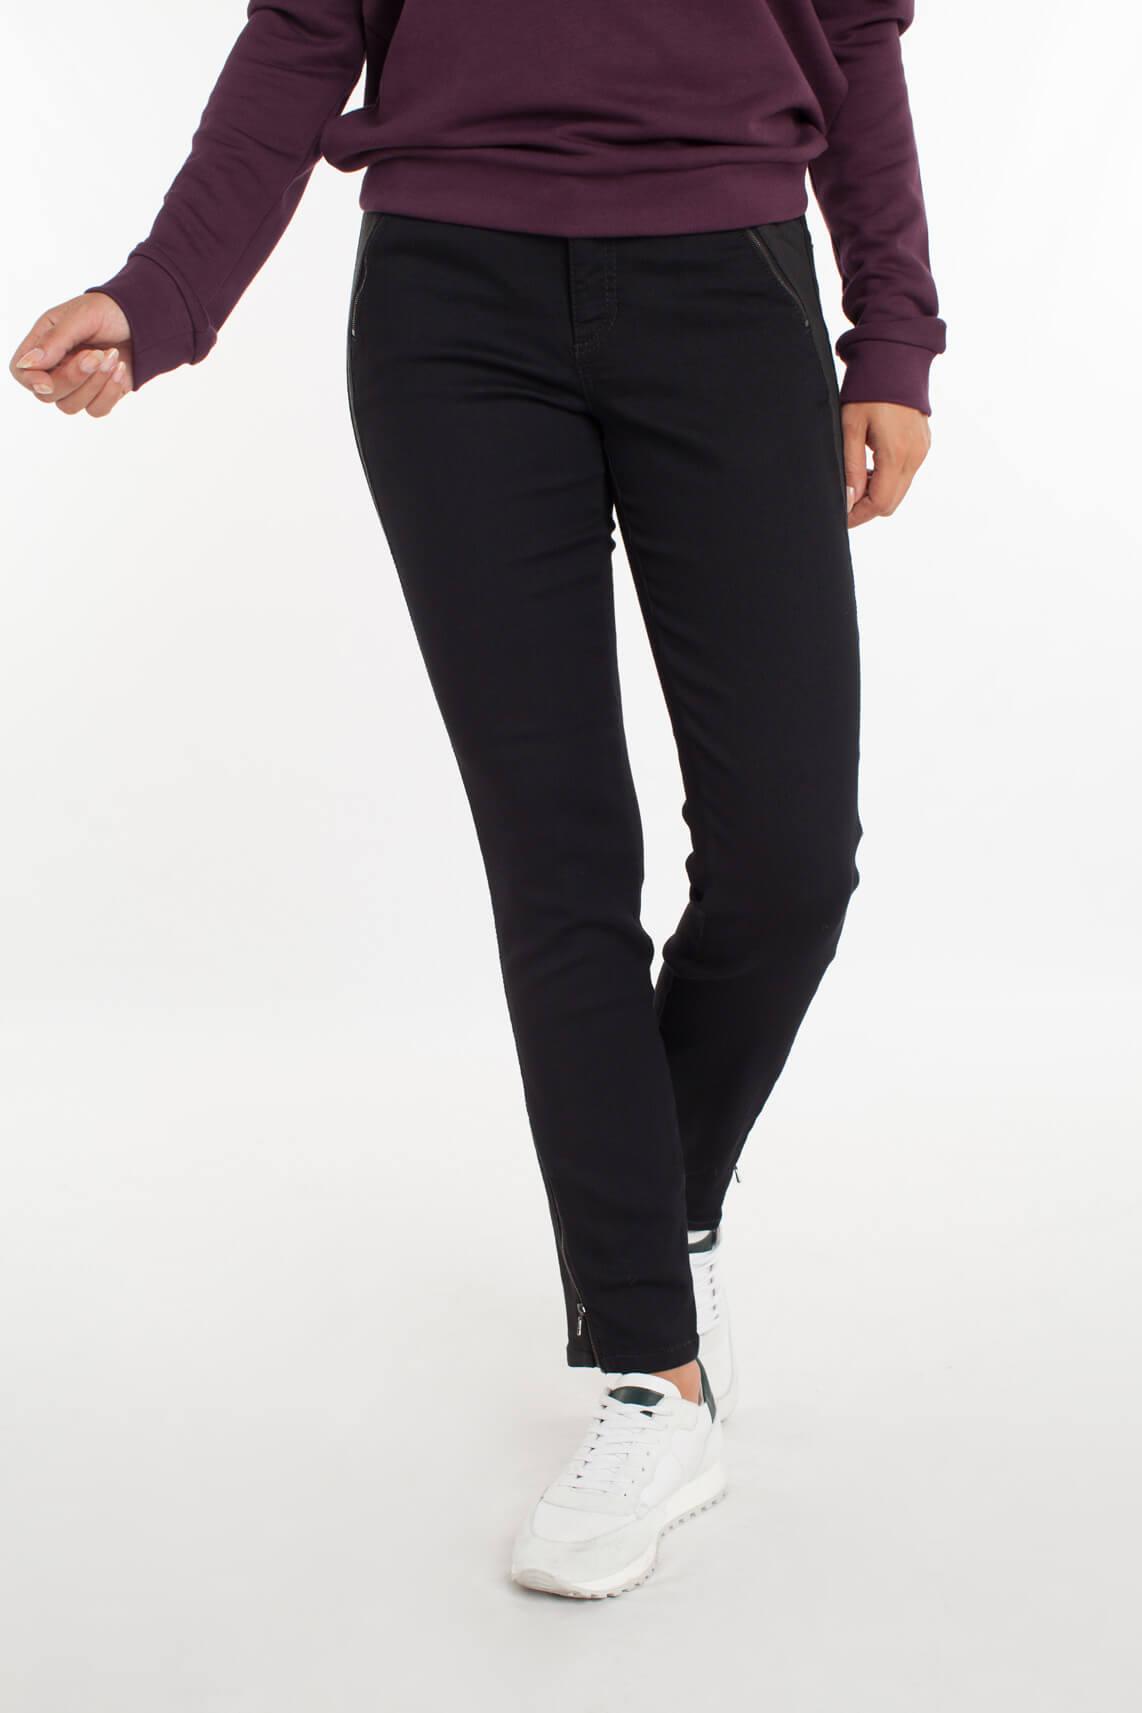 Cambio Dames Parla materiaalmix jeans zwart